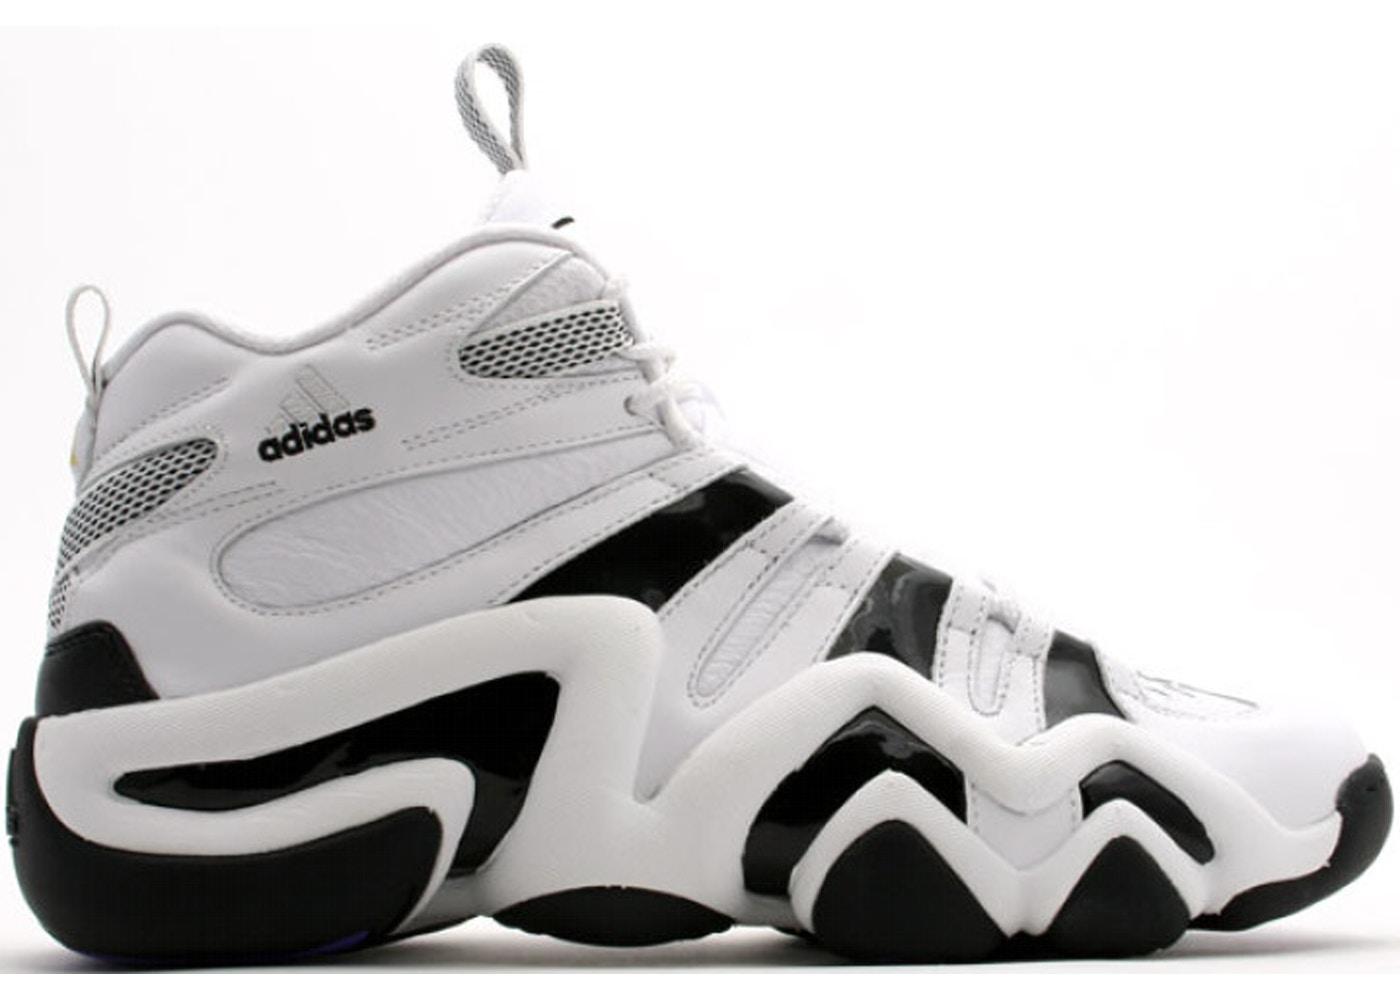 da9bf16325 adidas Crazy 8 White Black